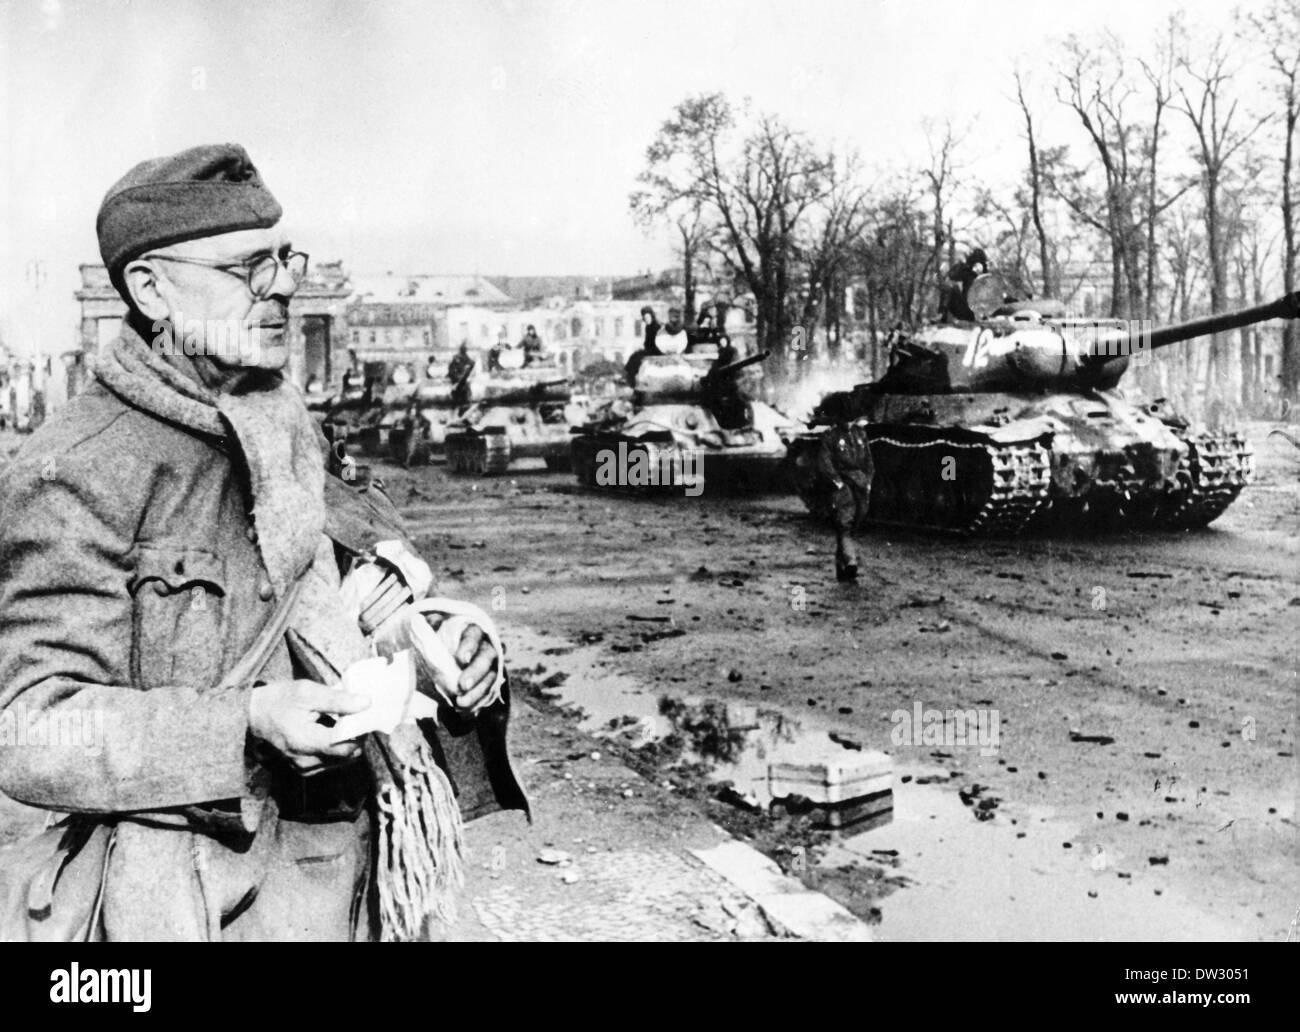 Ende des Krieges in Berlin 1945 - Panzer der Roten Armee verschoben ...